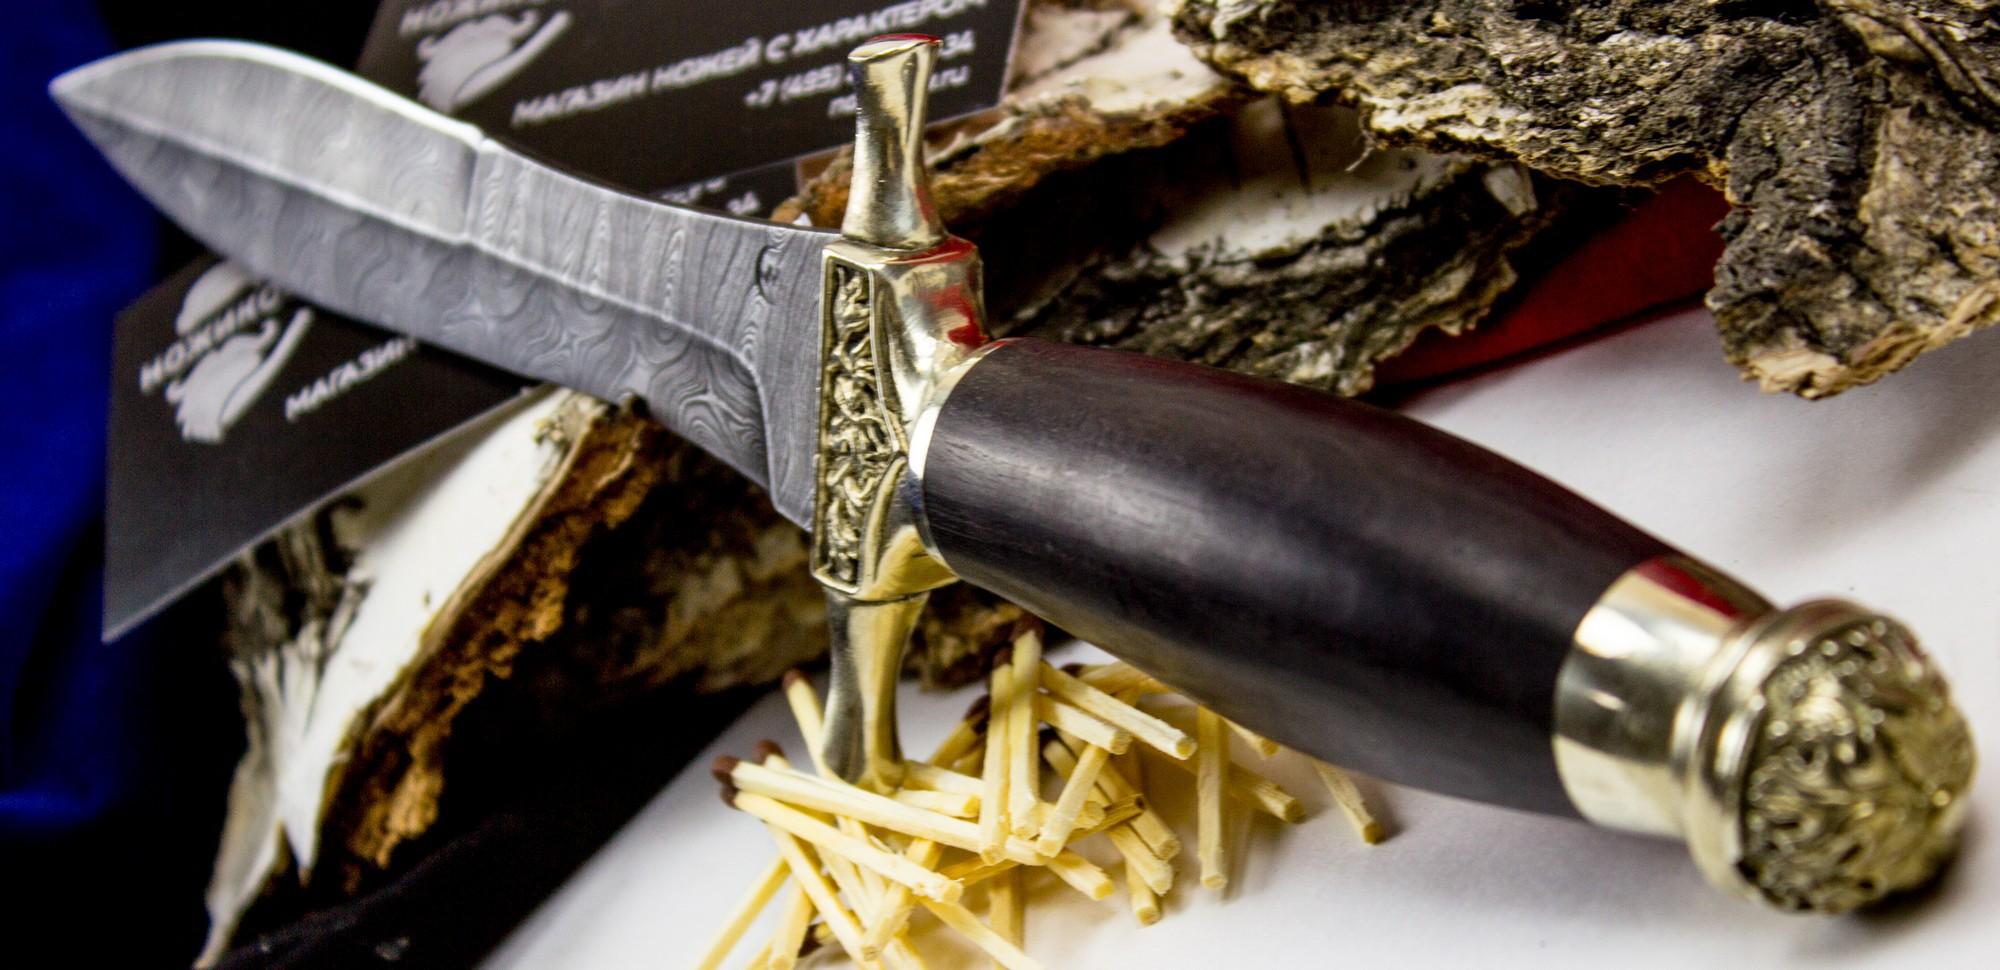 Нож Адмирал, дамасская сталь